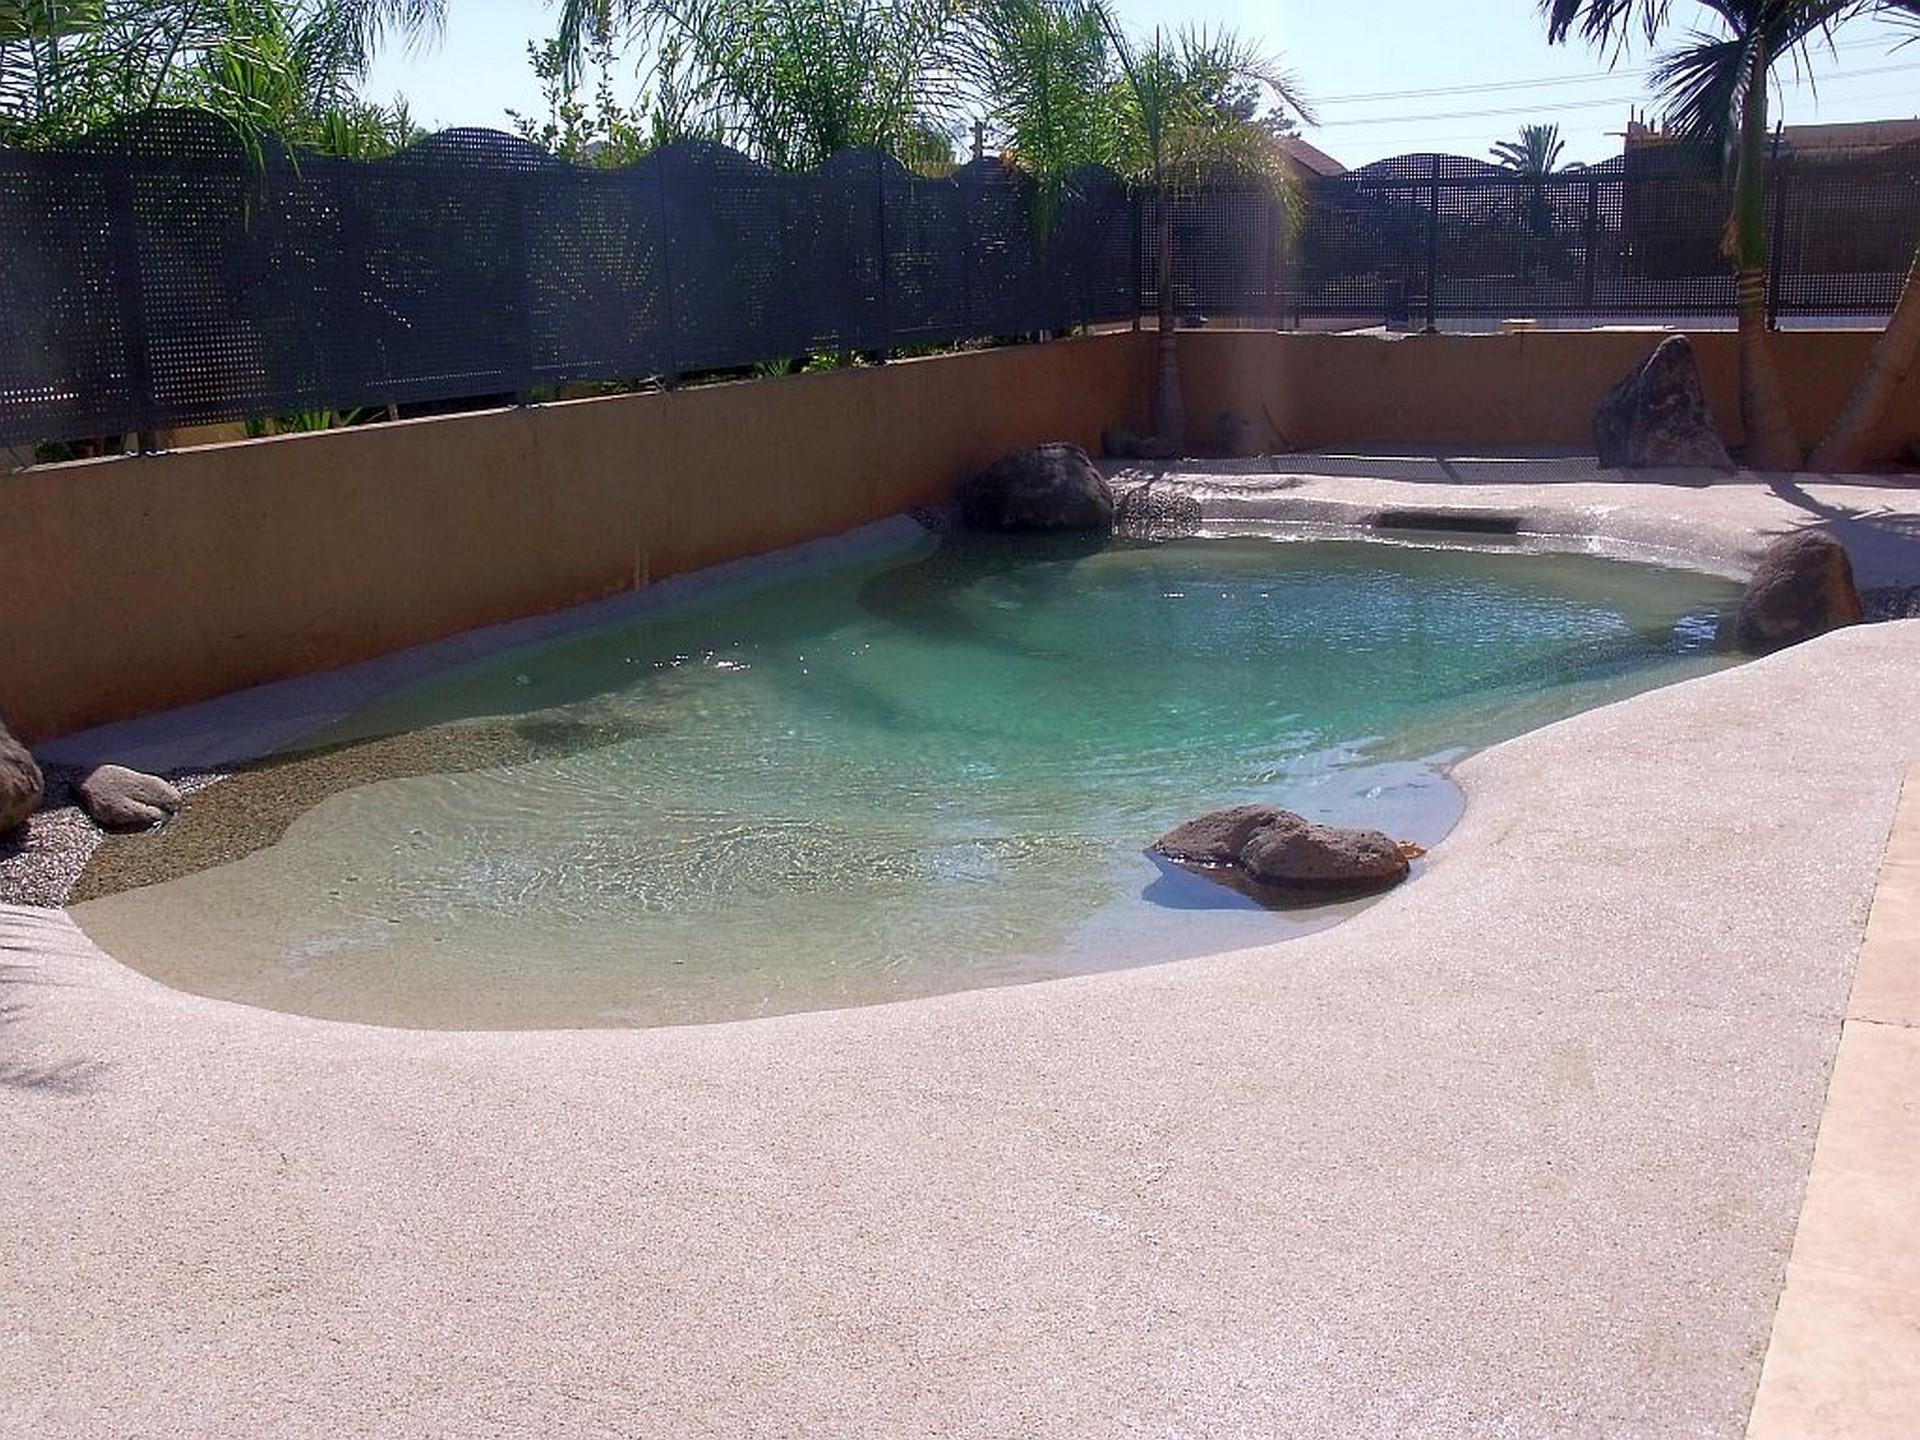 Gallery private swimming pools piscine bio design for Private swimming pool design